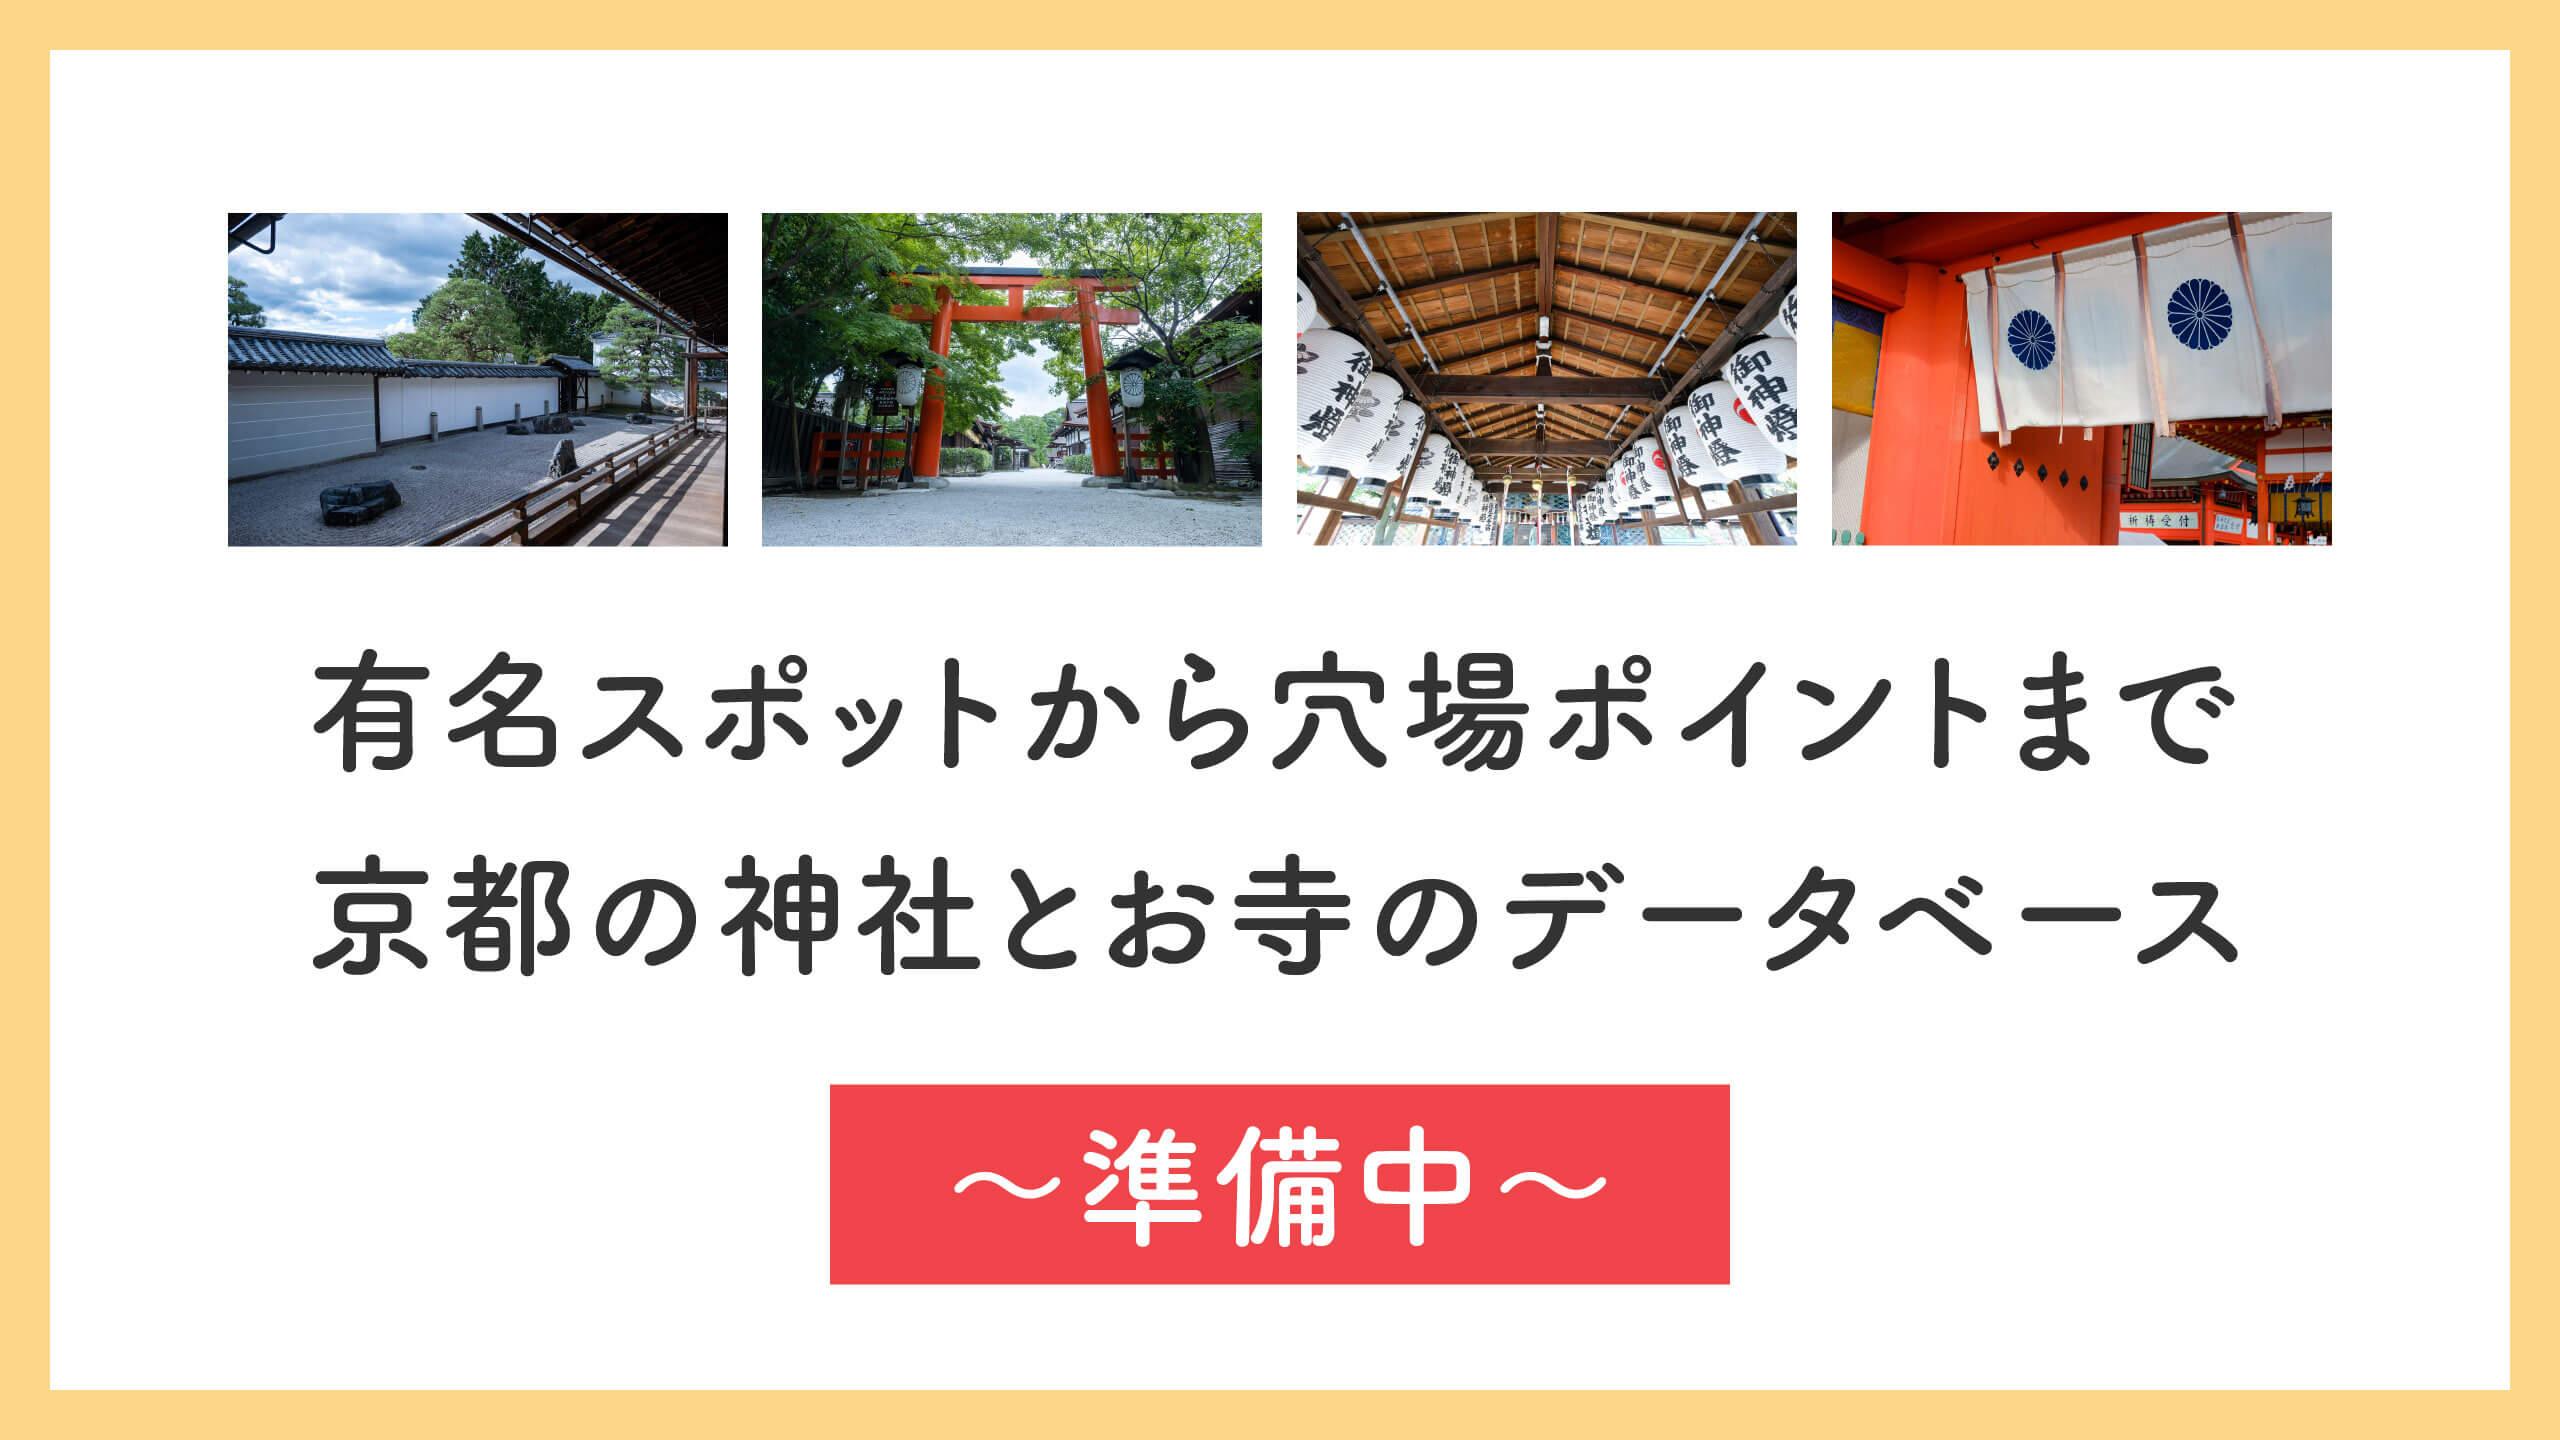 京都カケル神社とお寺へのバナーリンク(準備中)